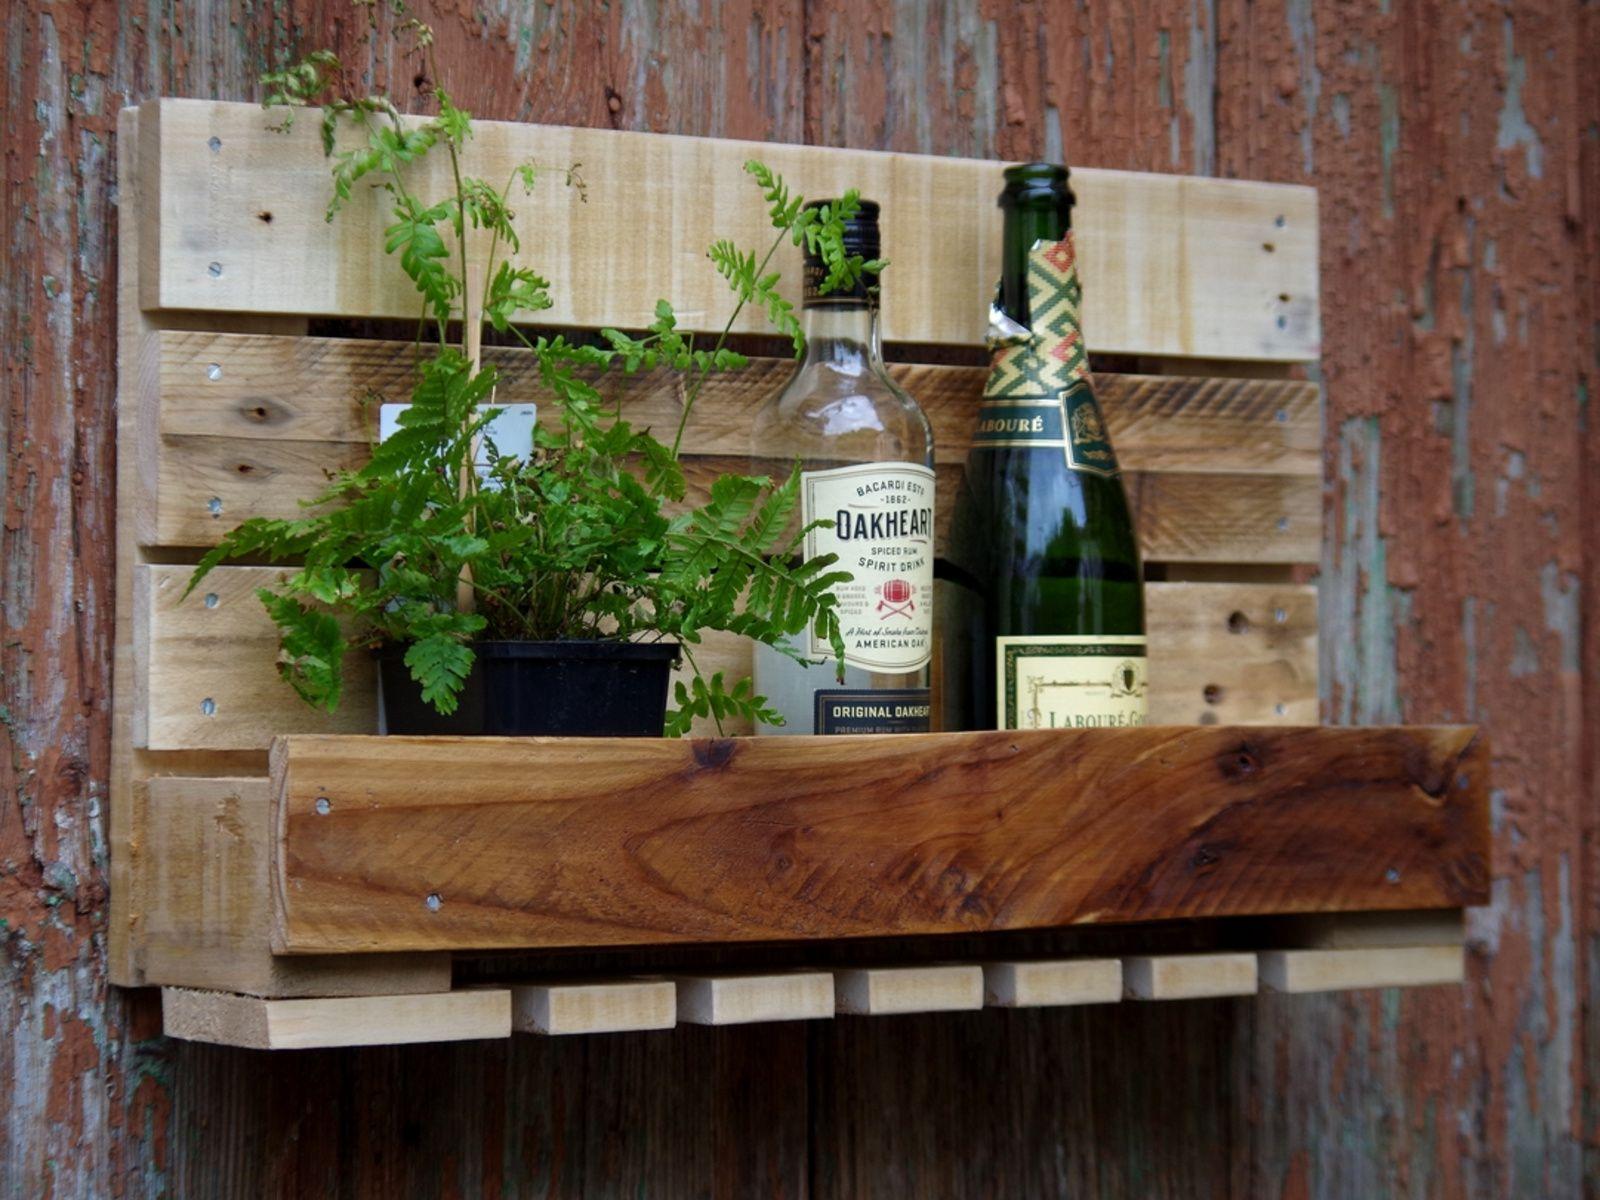 Porte Bouteilles En Bois De Palette Recycle Pour La Maison Ou Les Espaces Professionnels Module Mural Fa Avec Images Mobilier En Bois Palette Bois Bar En Bois De Palettes